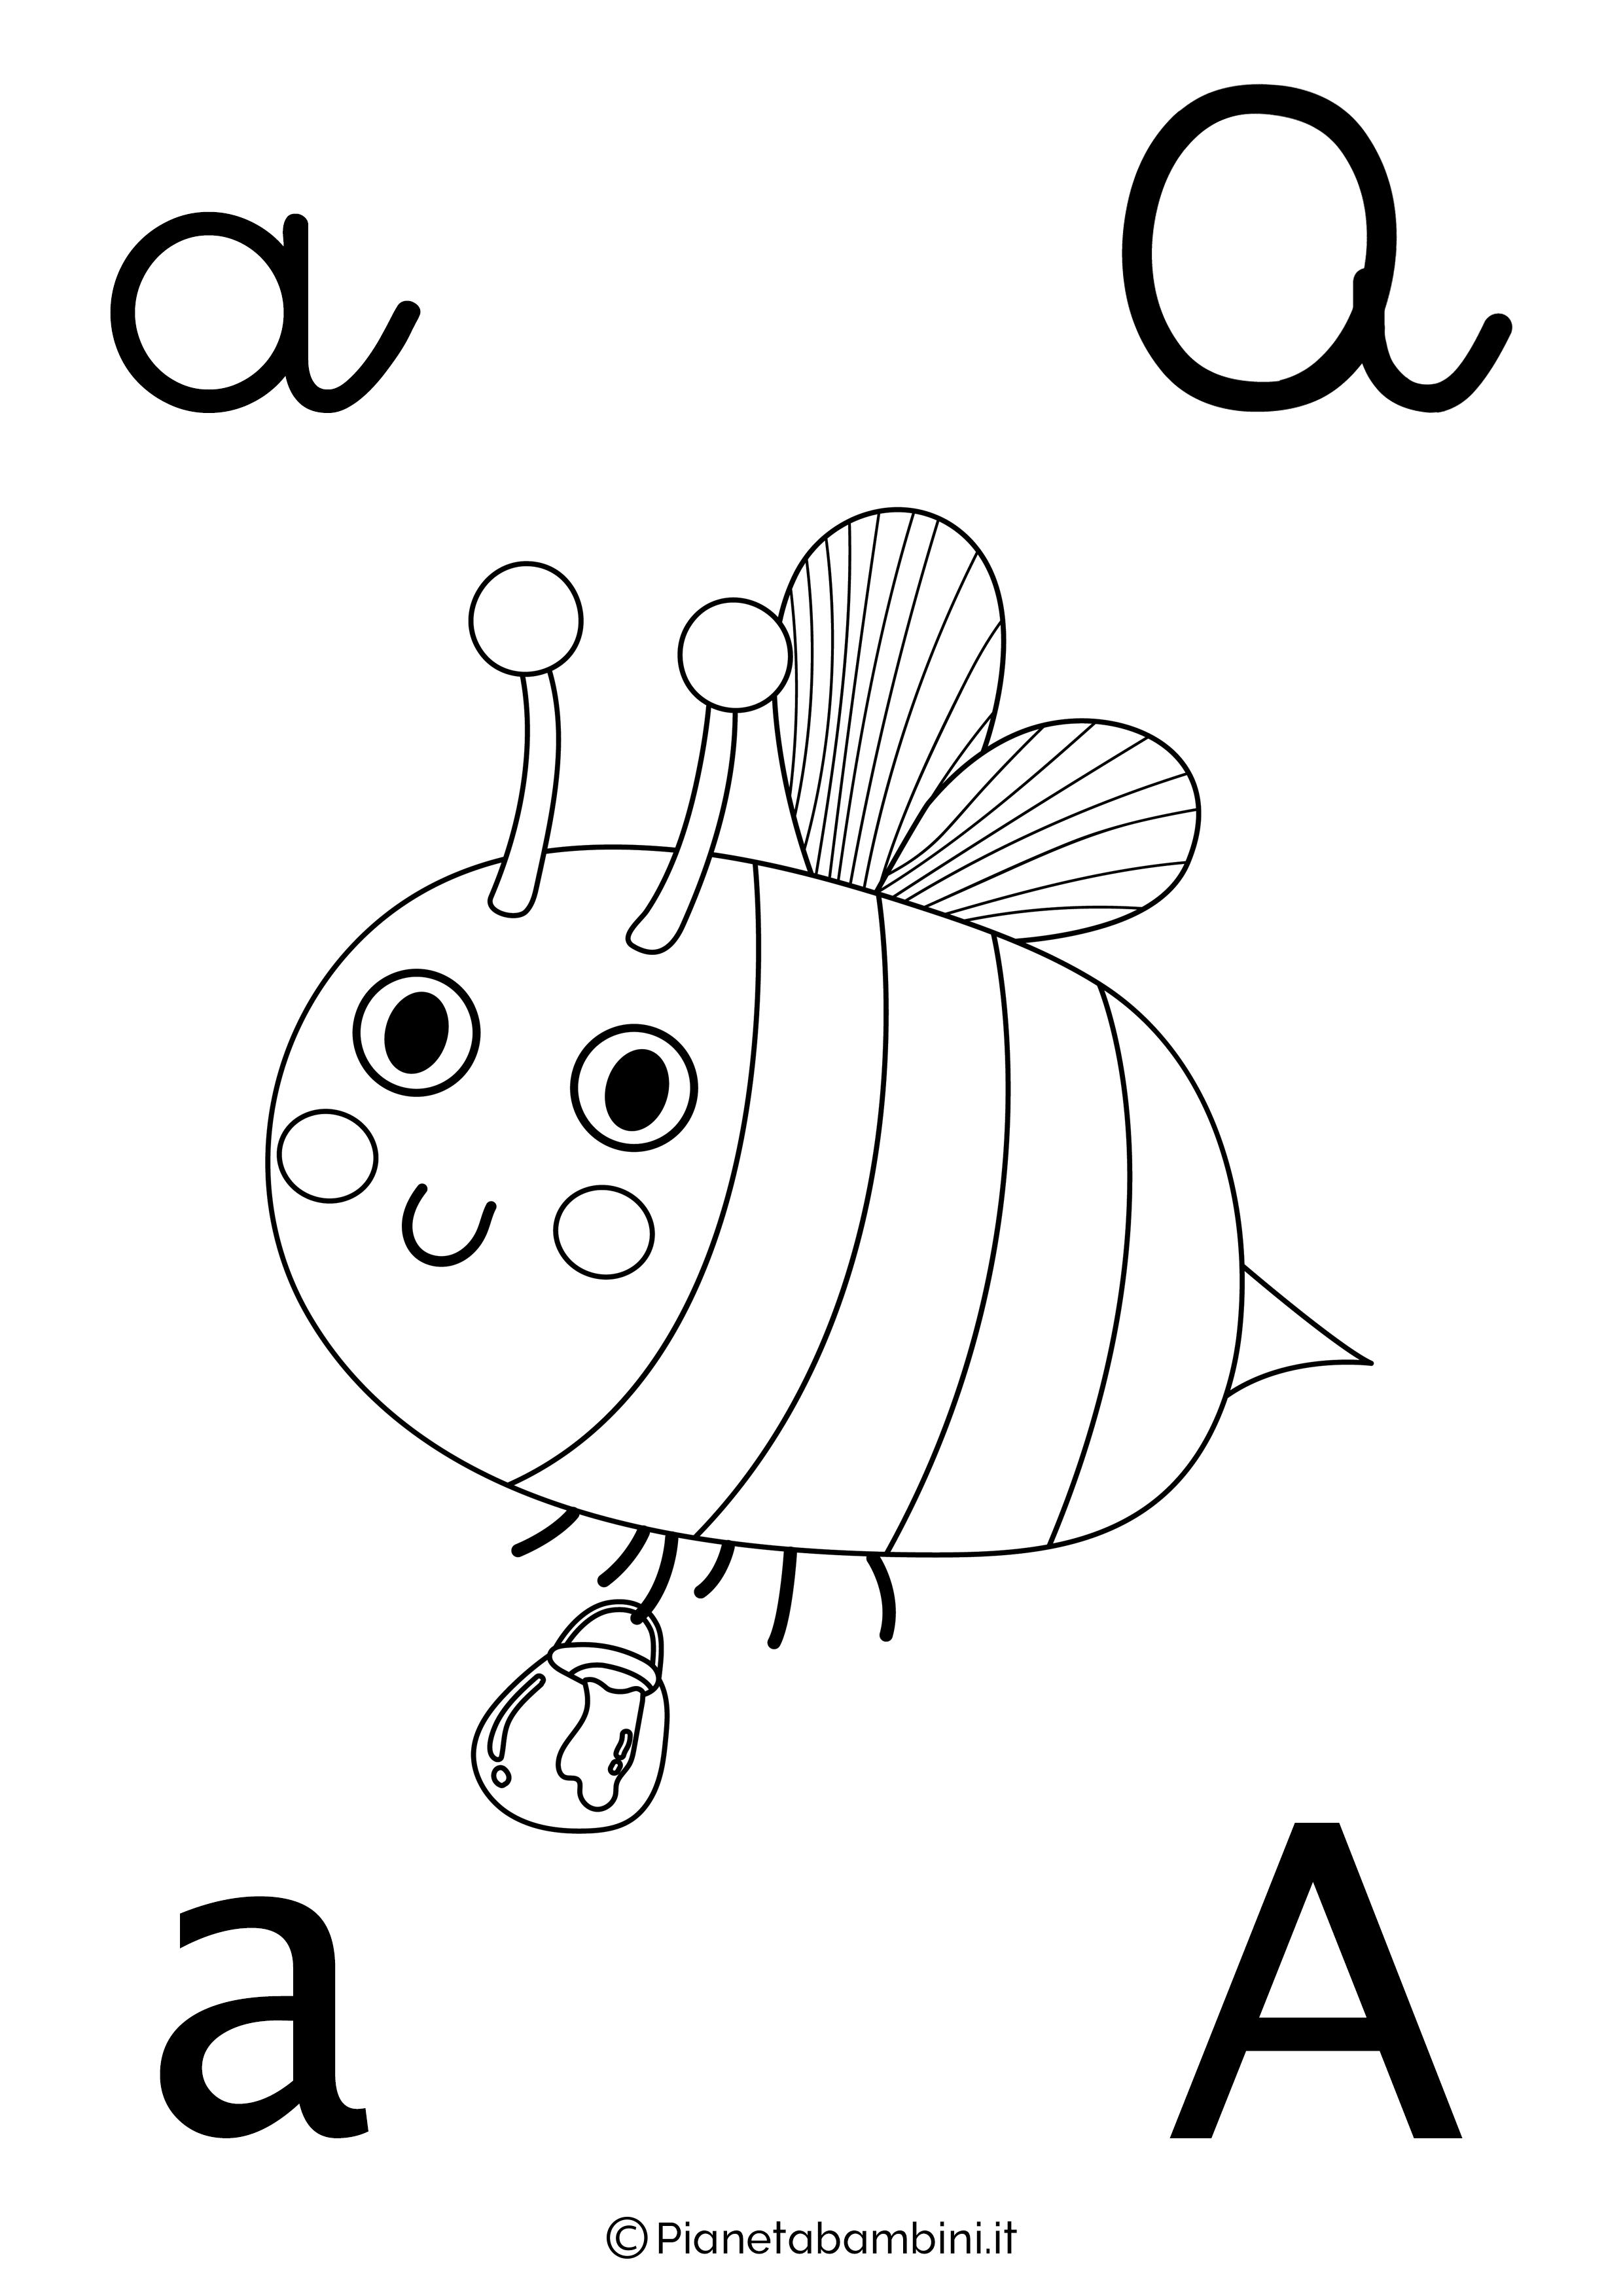 Lettere Alfabeto Da Copiare alfabetiere da colorare | pianetabambini.it